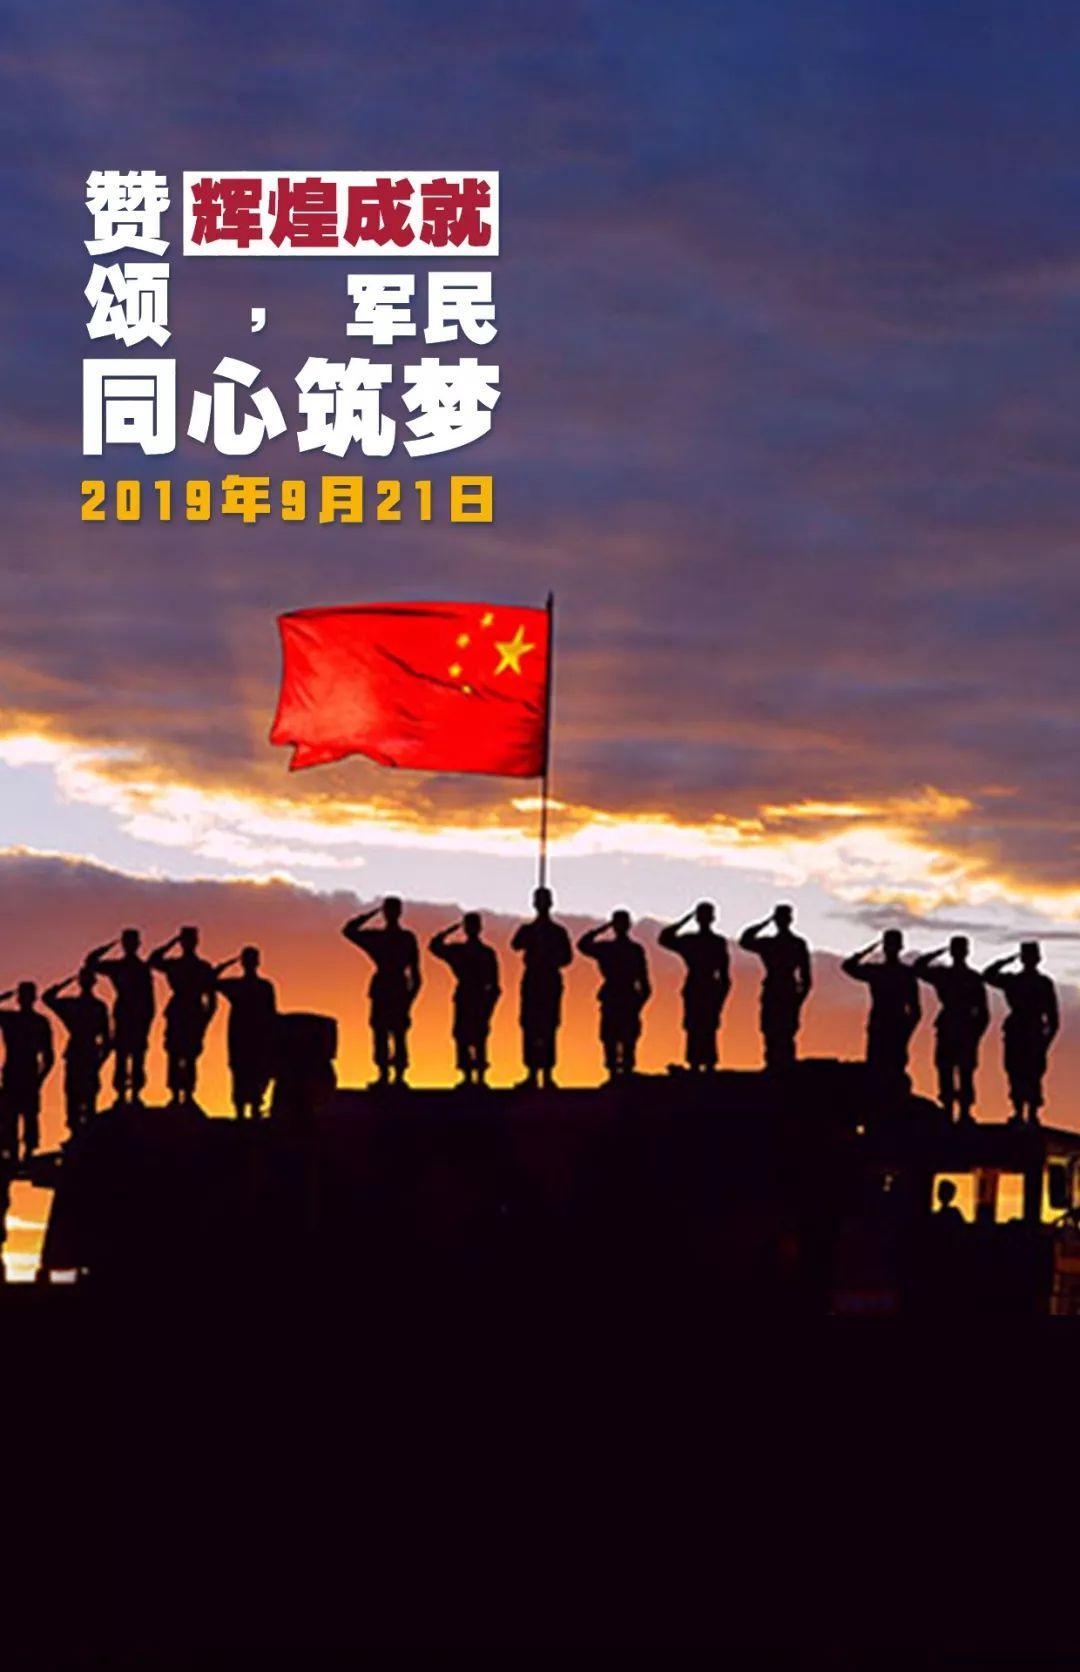 全民國防教育日主題海報來了!